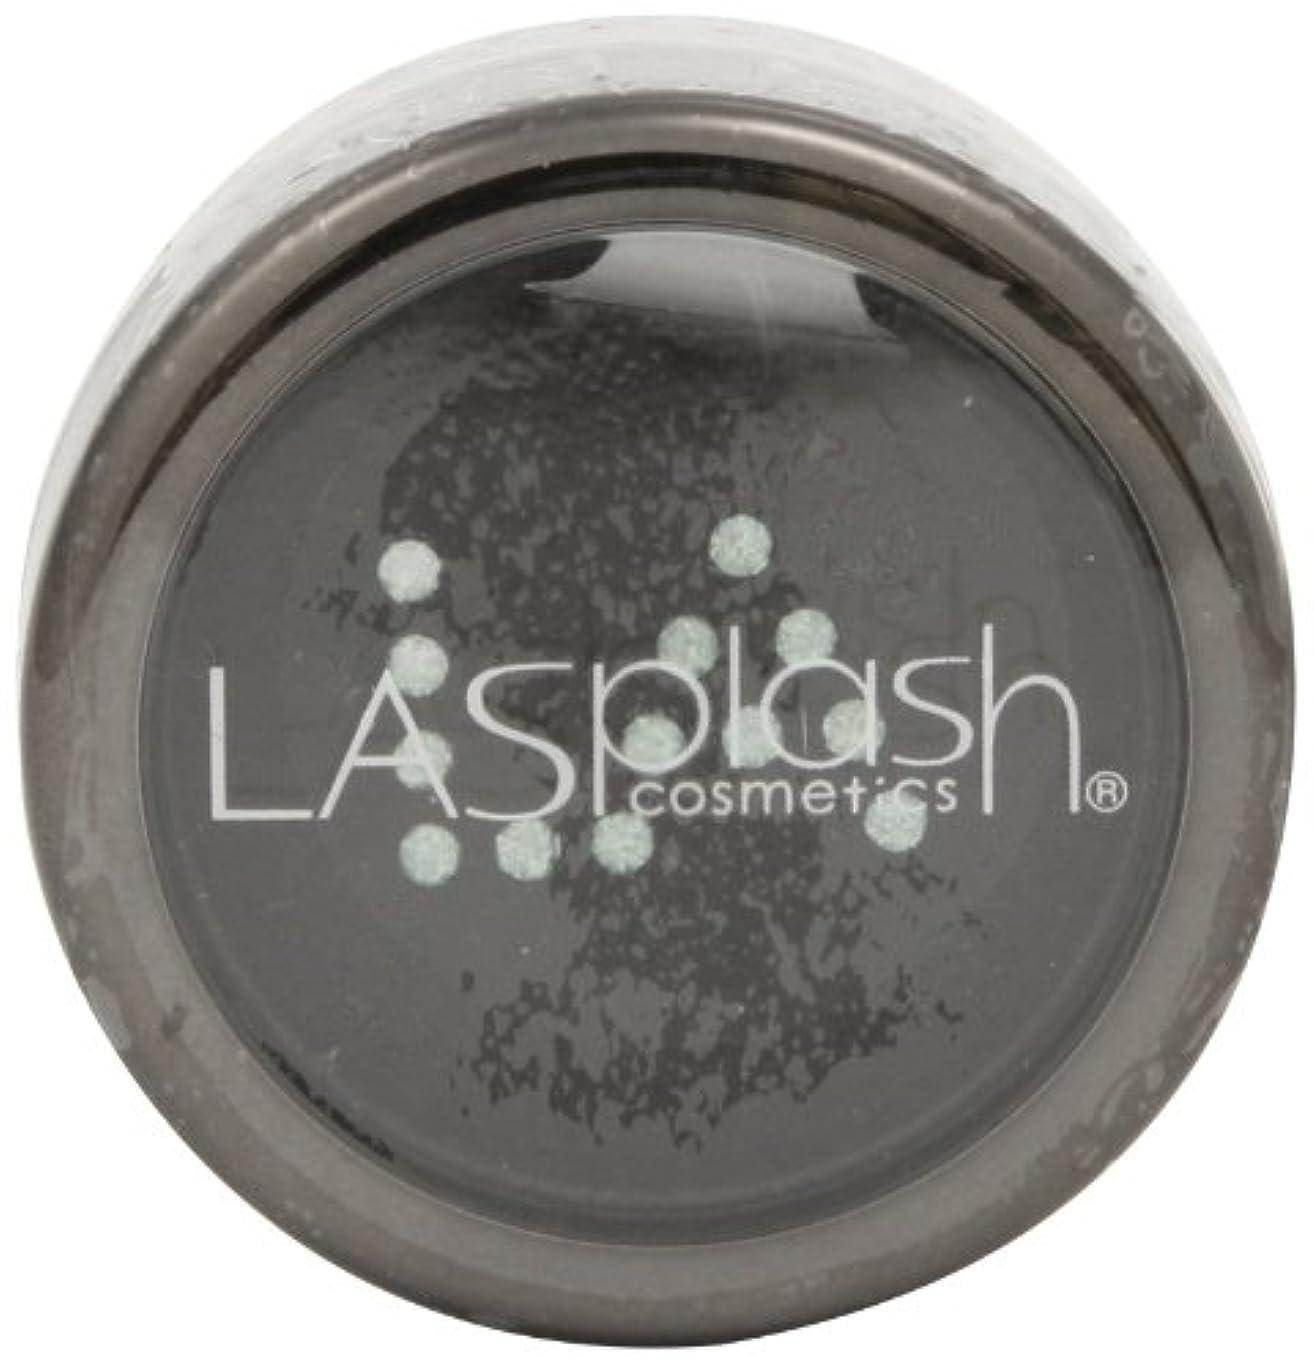 LASplash ダイヤモンドダストアイシャドウ632エメラルドホワイト